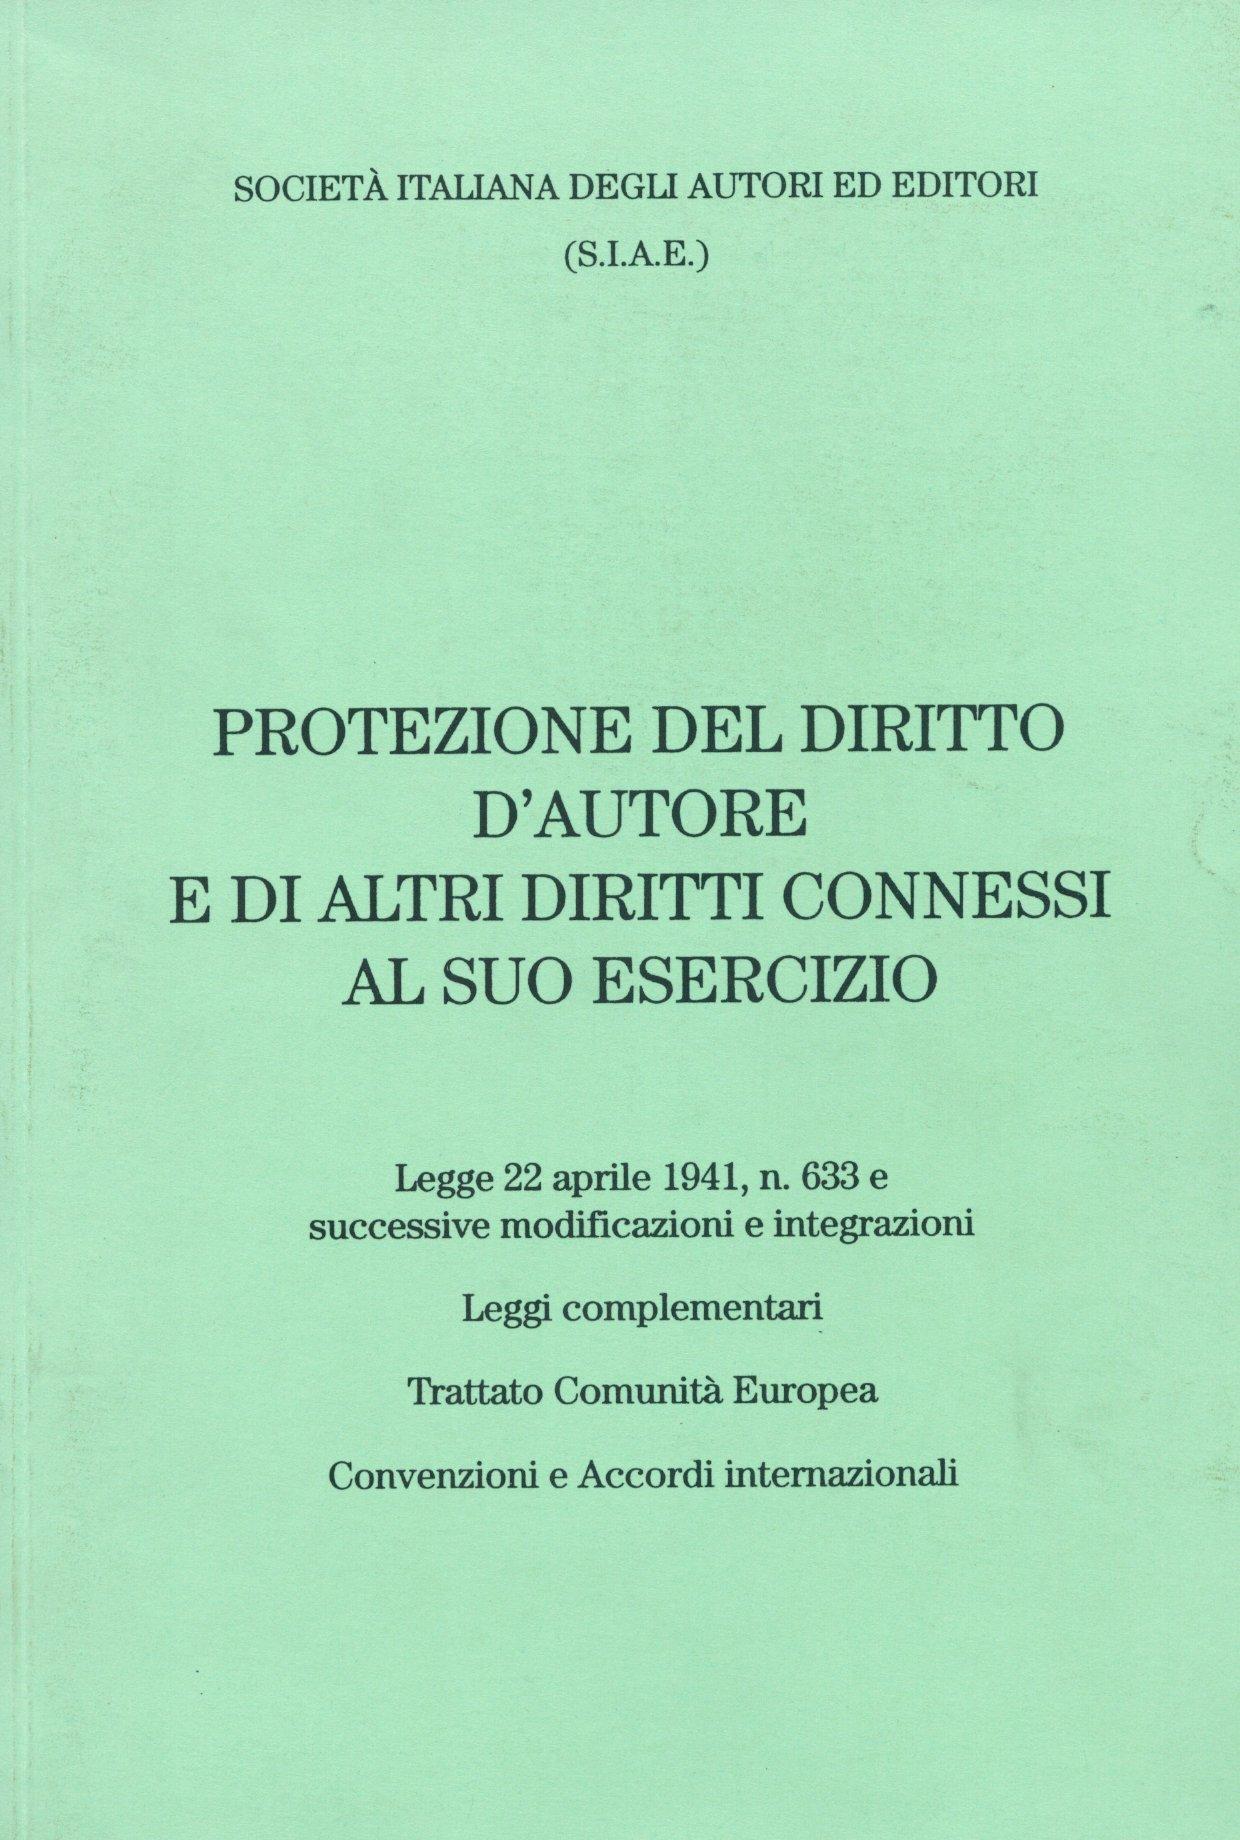 Protezione del diritto d'autore e di altri diritti connessi al suo esercizio